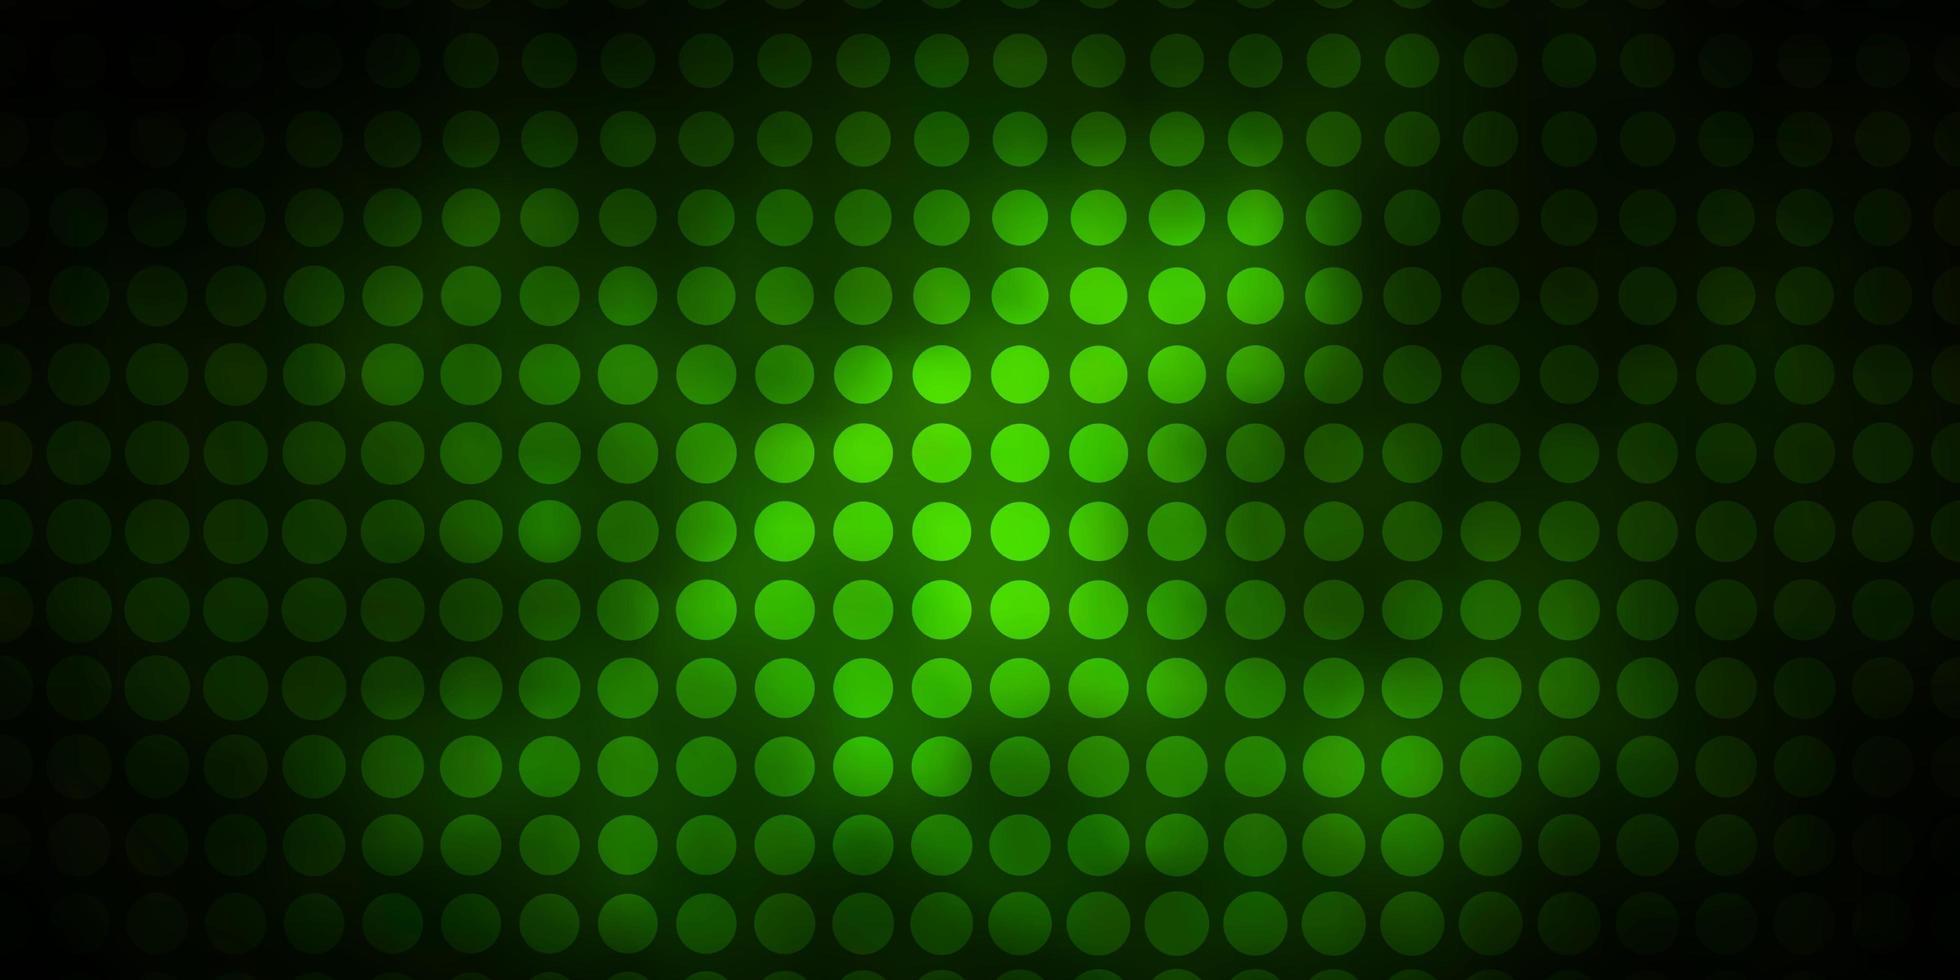 mörkgrön layout med cirklar vektor